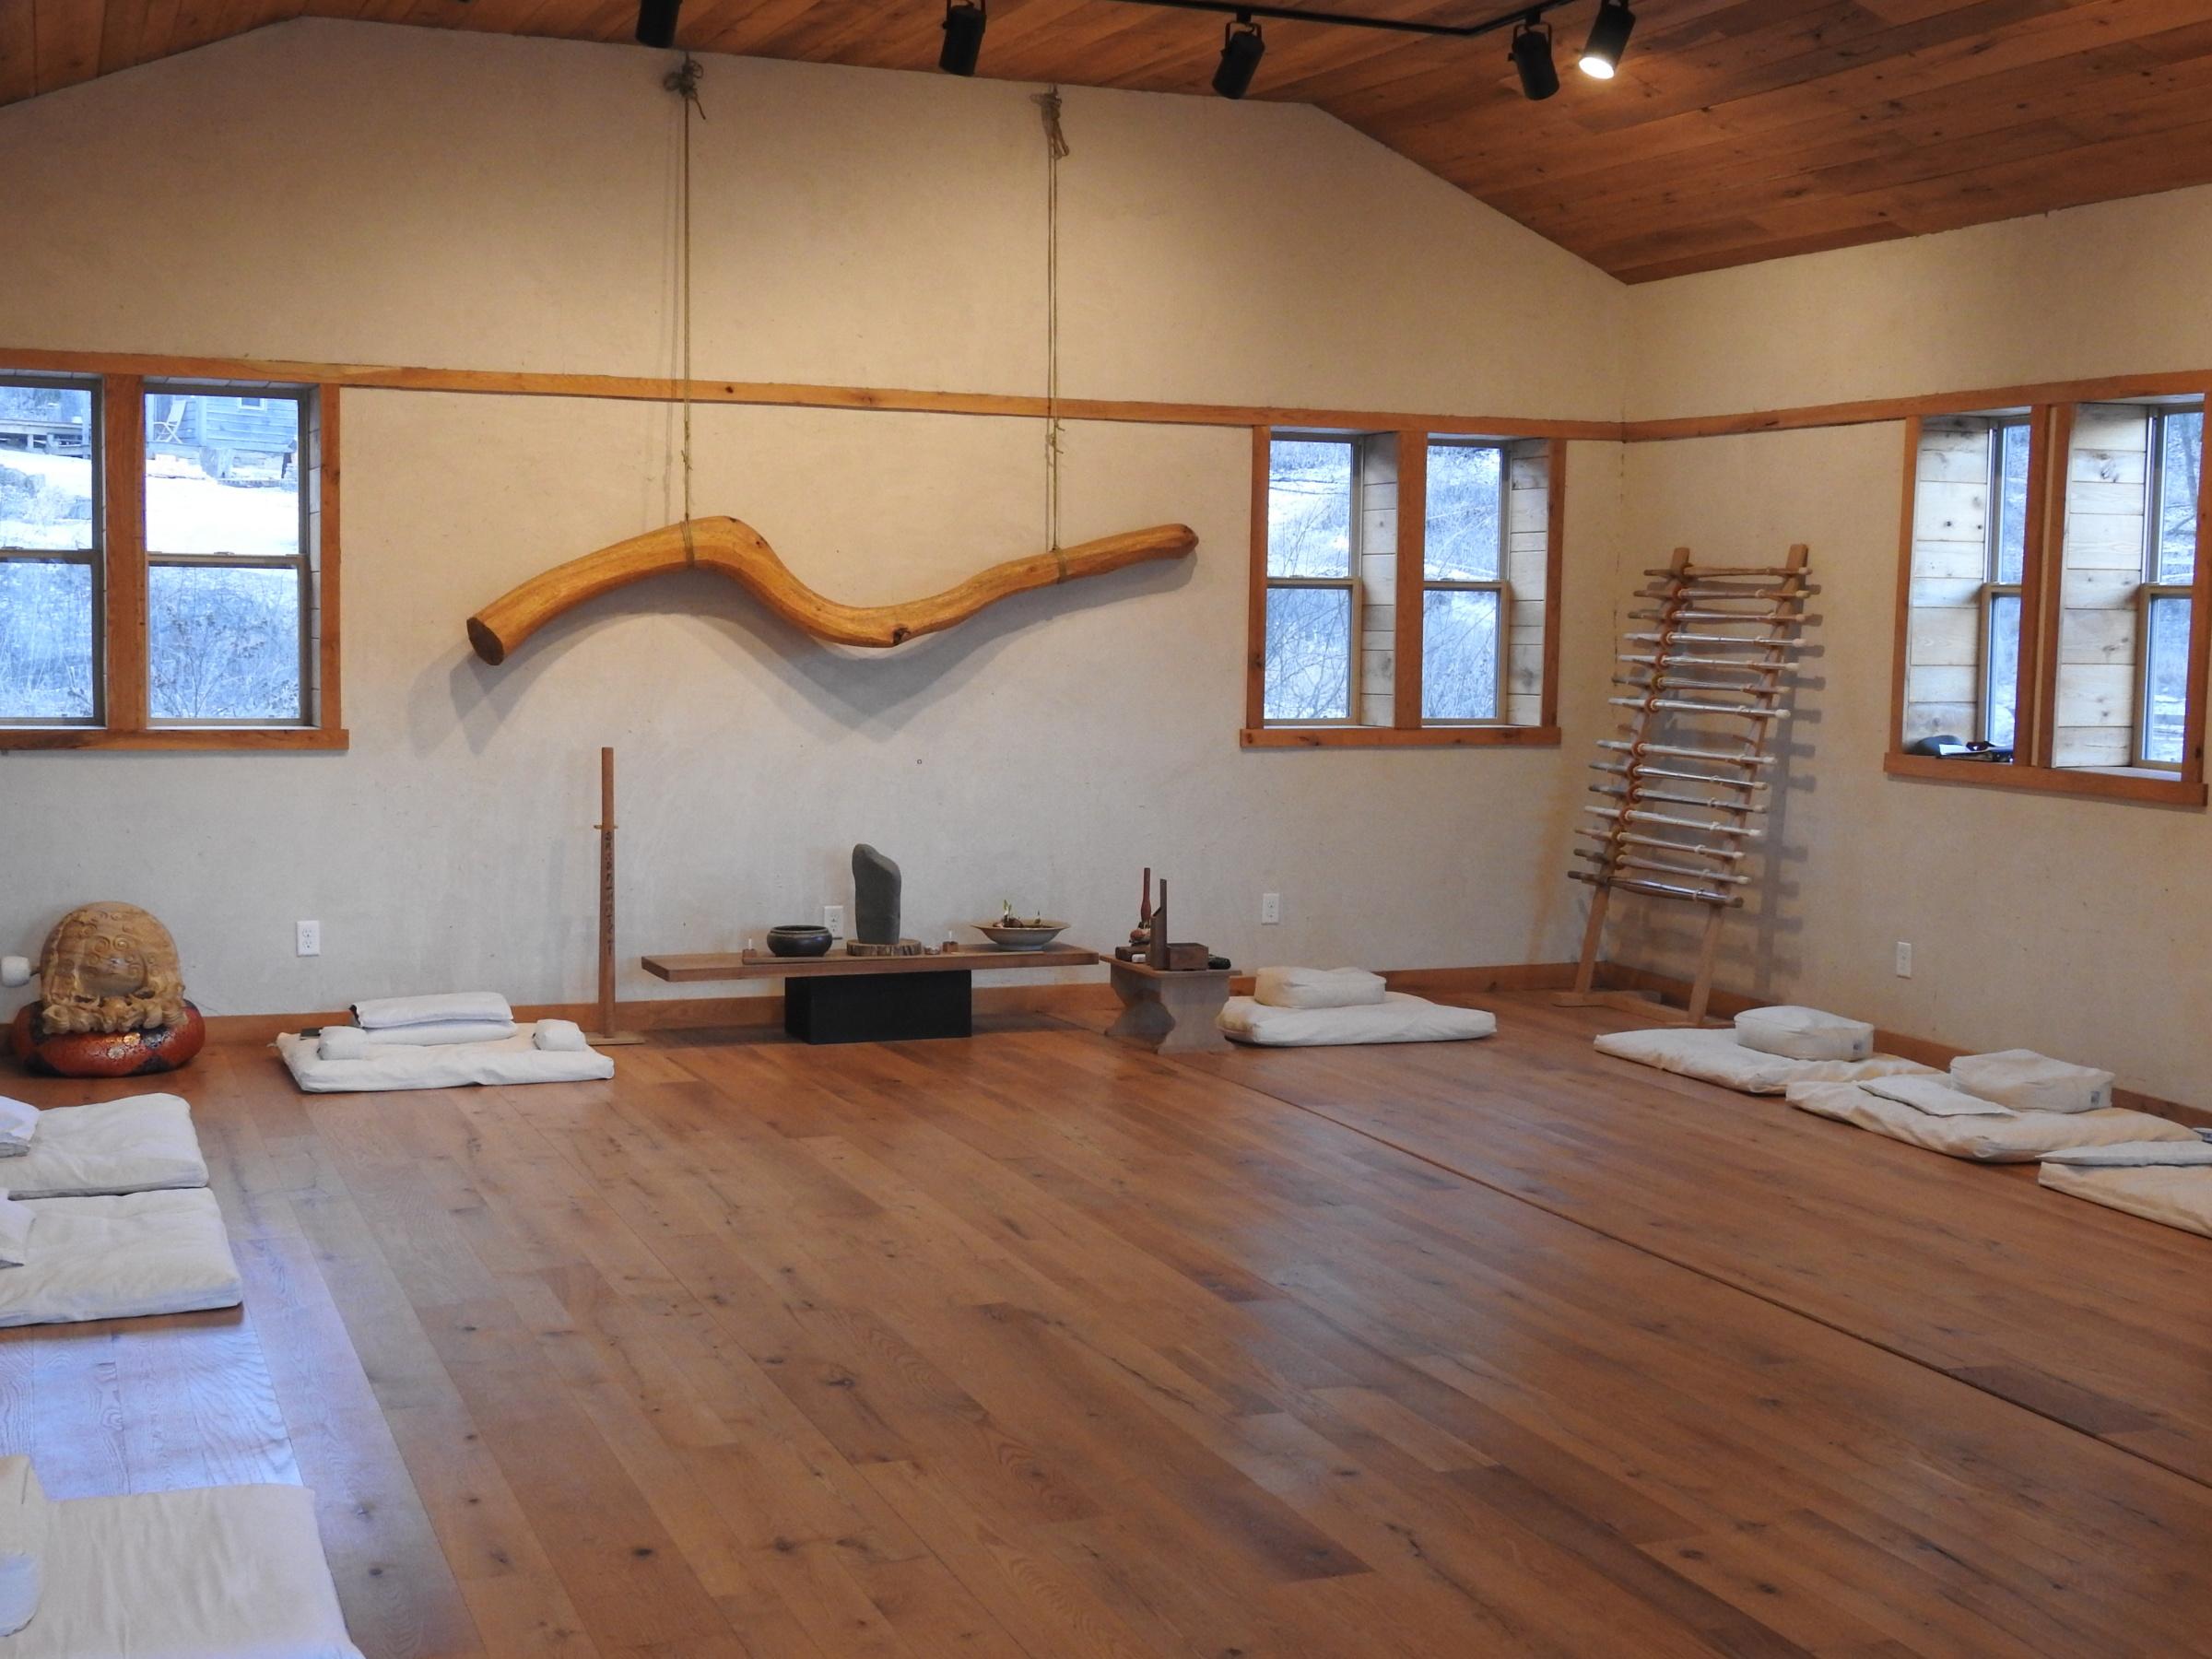 Inside the Dojo empty